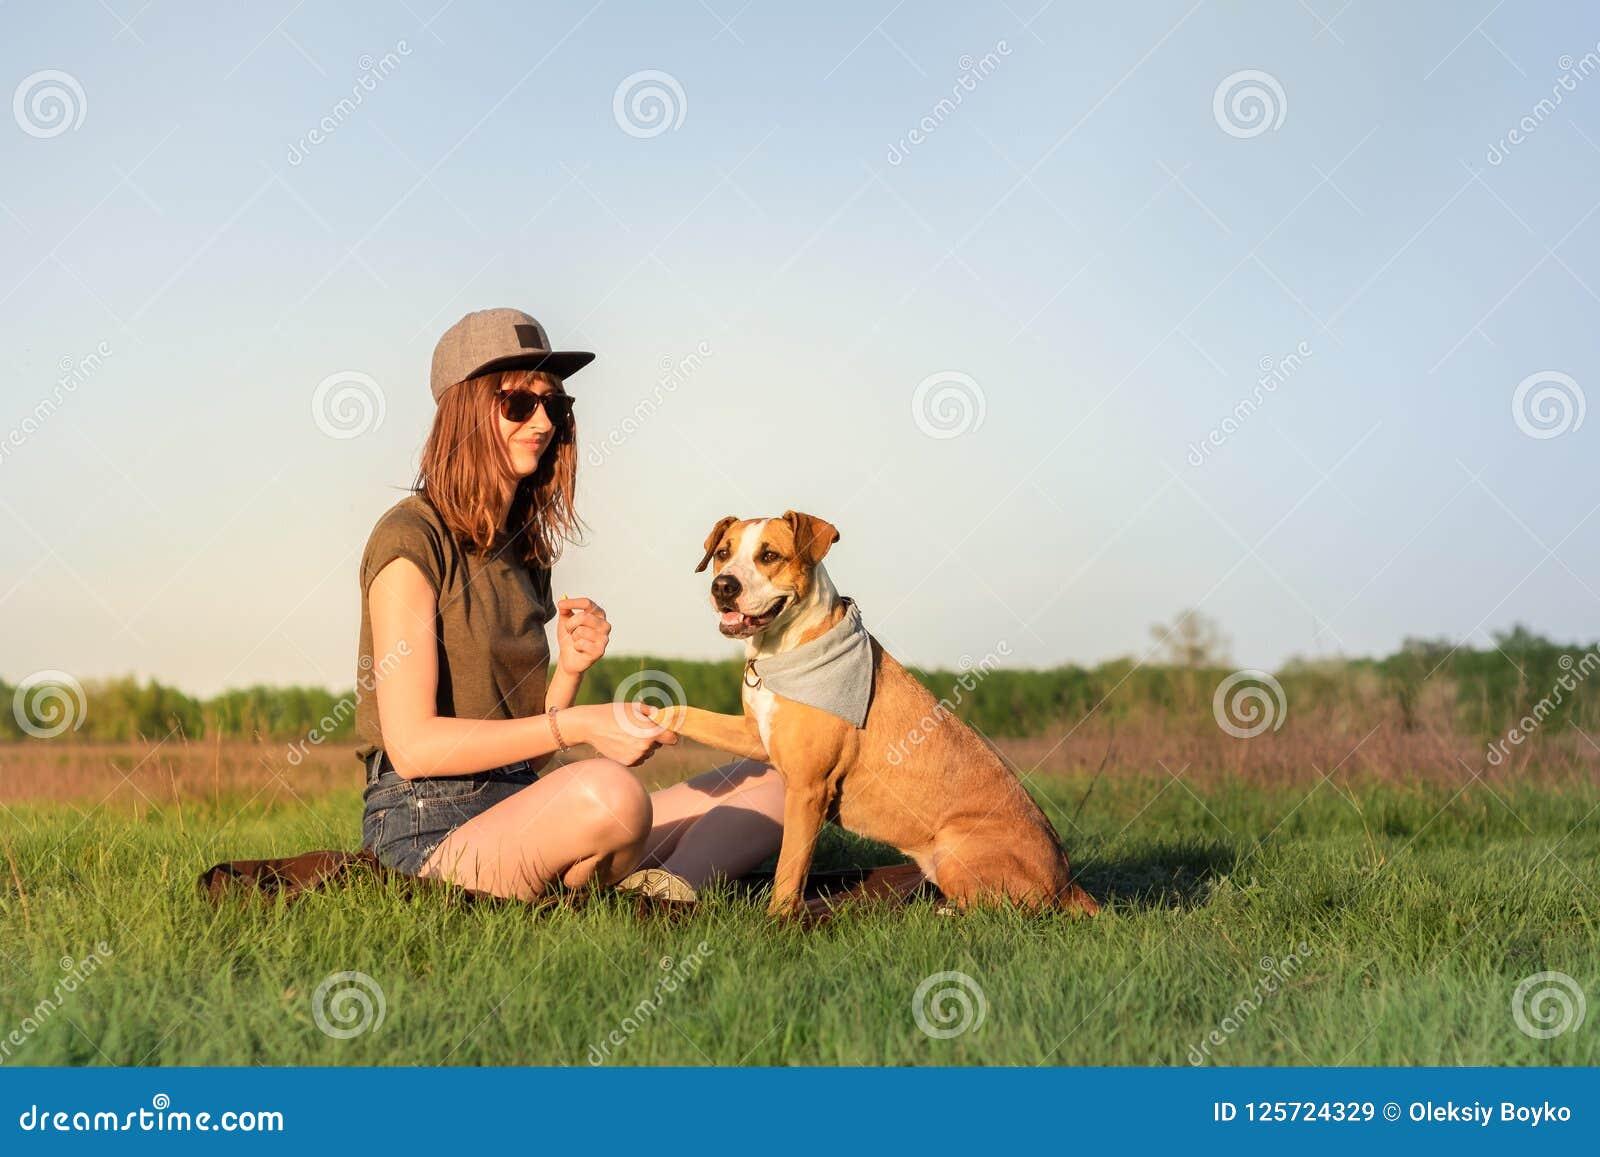 Женское предприниматель собаки и натренированный терьер Стаффордшира давая лапку